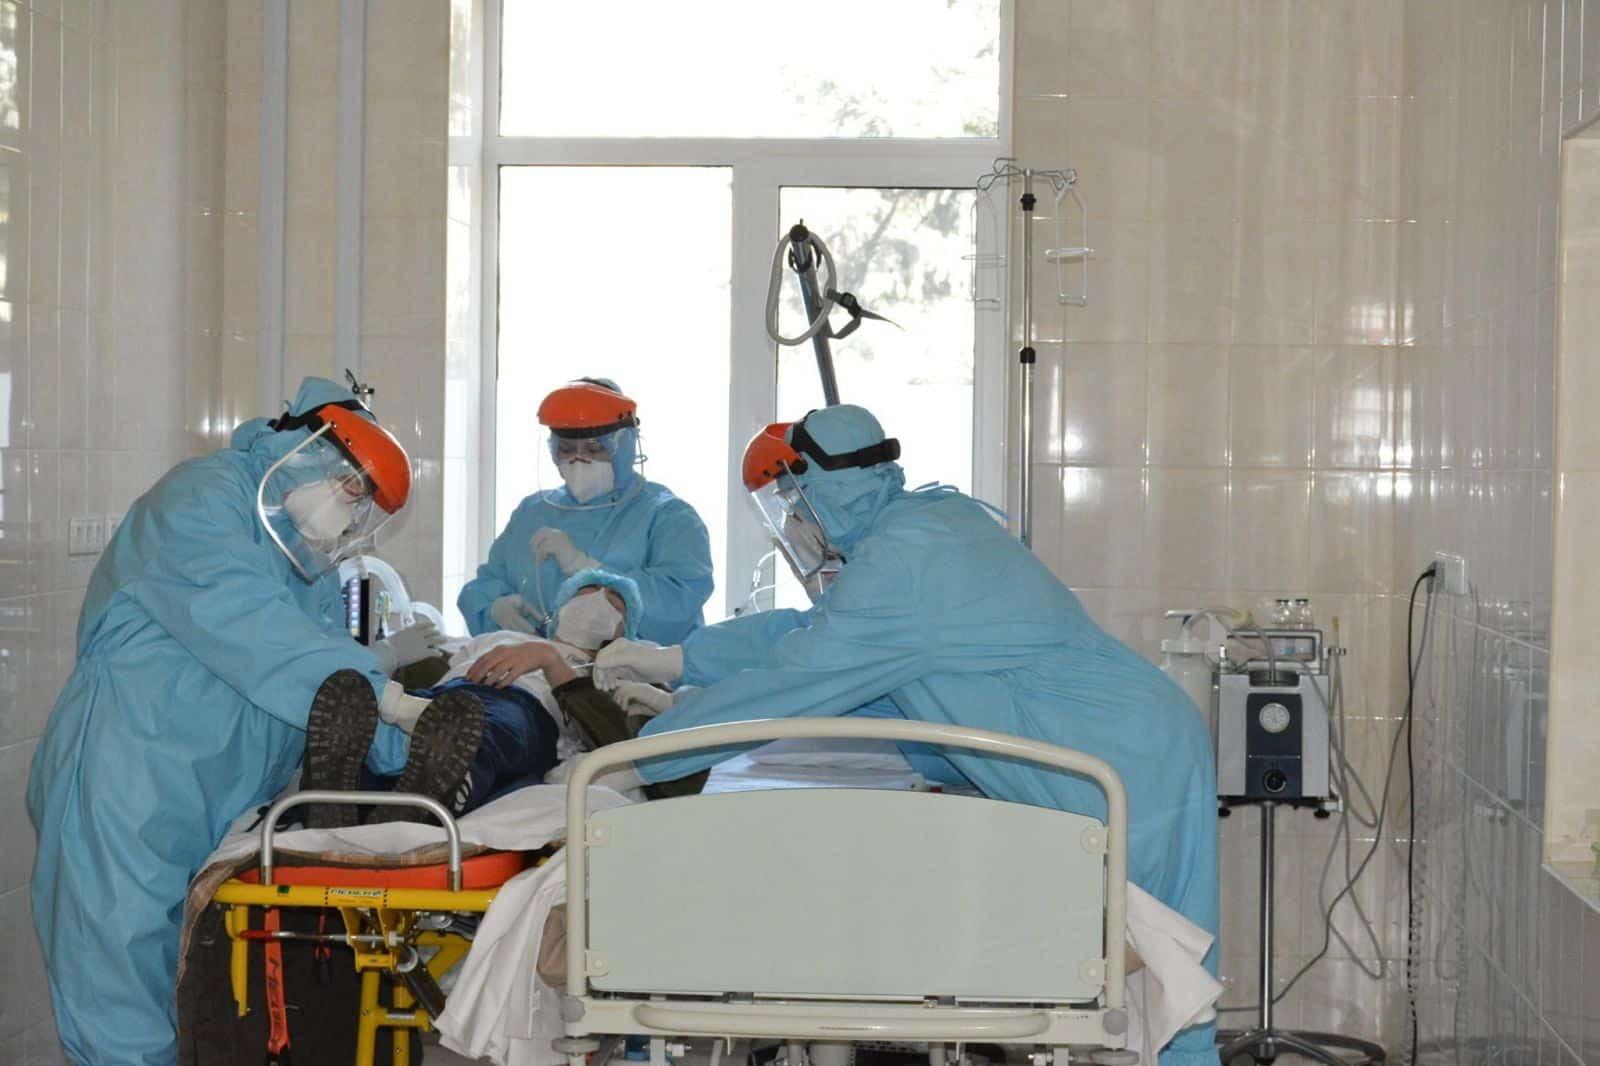 Дії медичного персоналу ЗСУ під час підозри на захворювання COVID-19